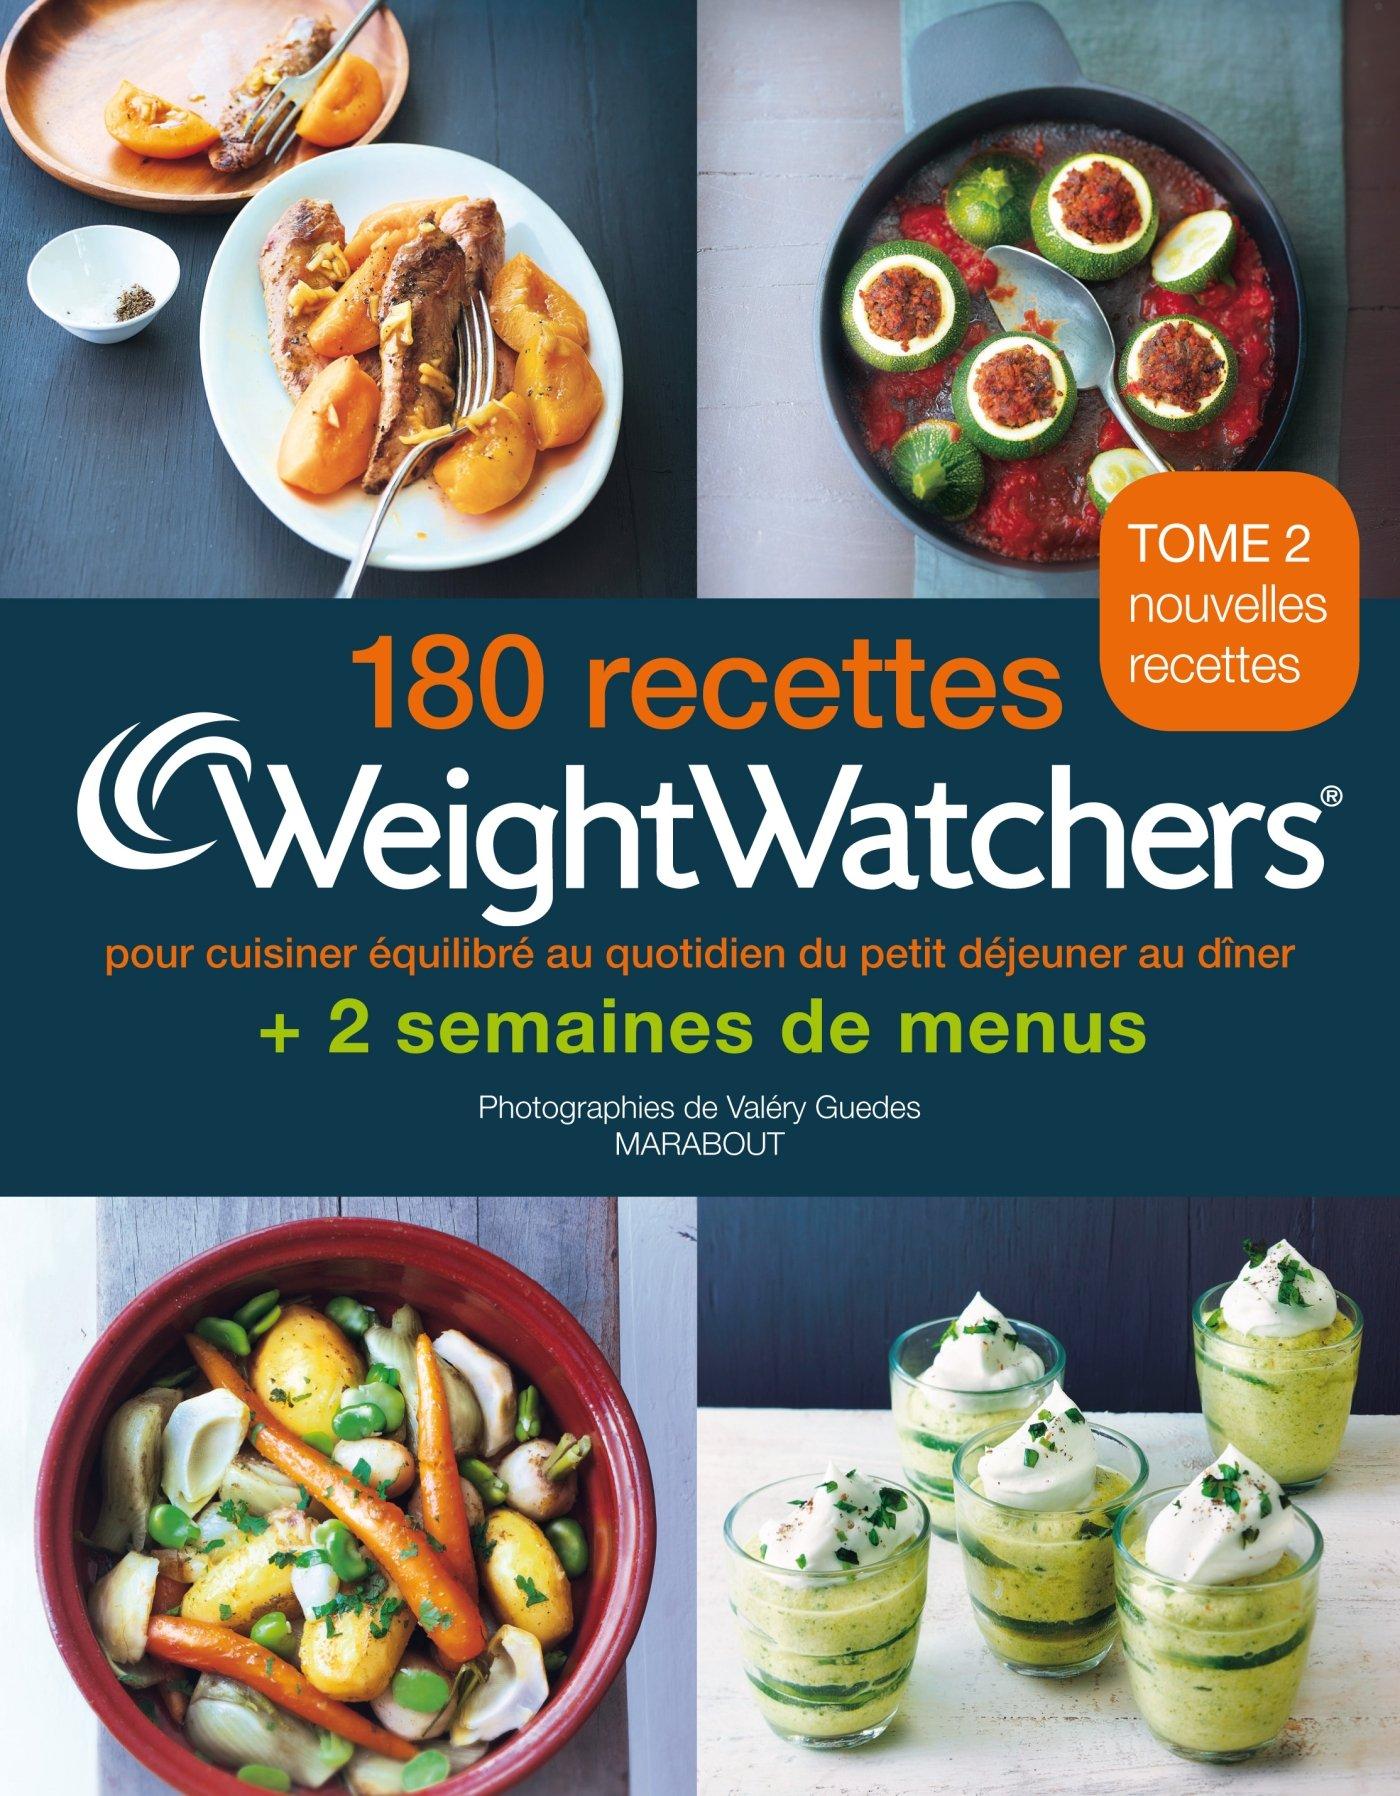 180 recettes Weight Watchers , Tome 2 pour cuisiner équilibré au quotidien  du petit déjeuner au dîner Amazon.fr Weight Watchers, Valéry Guédès  Livres